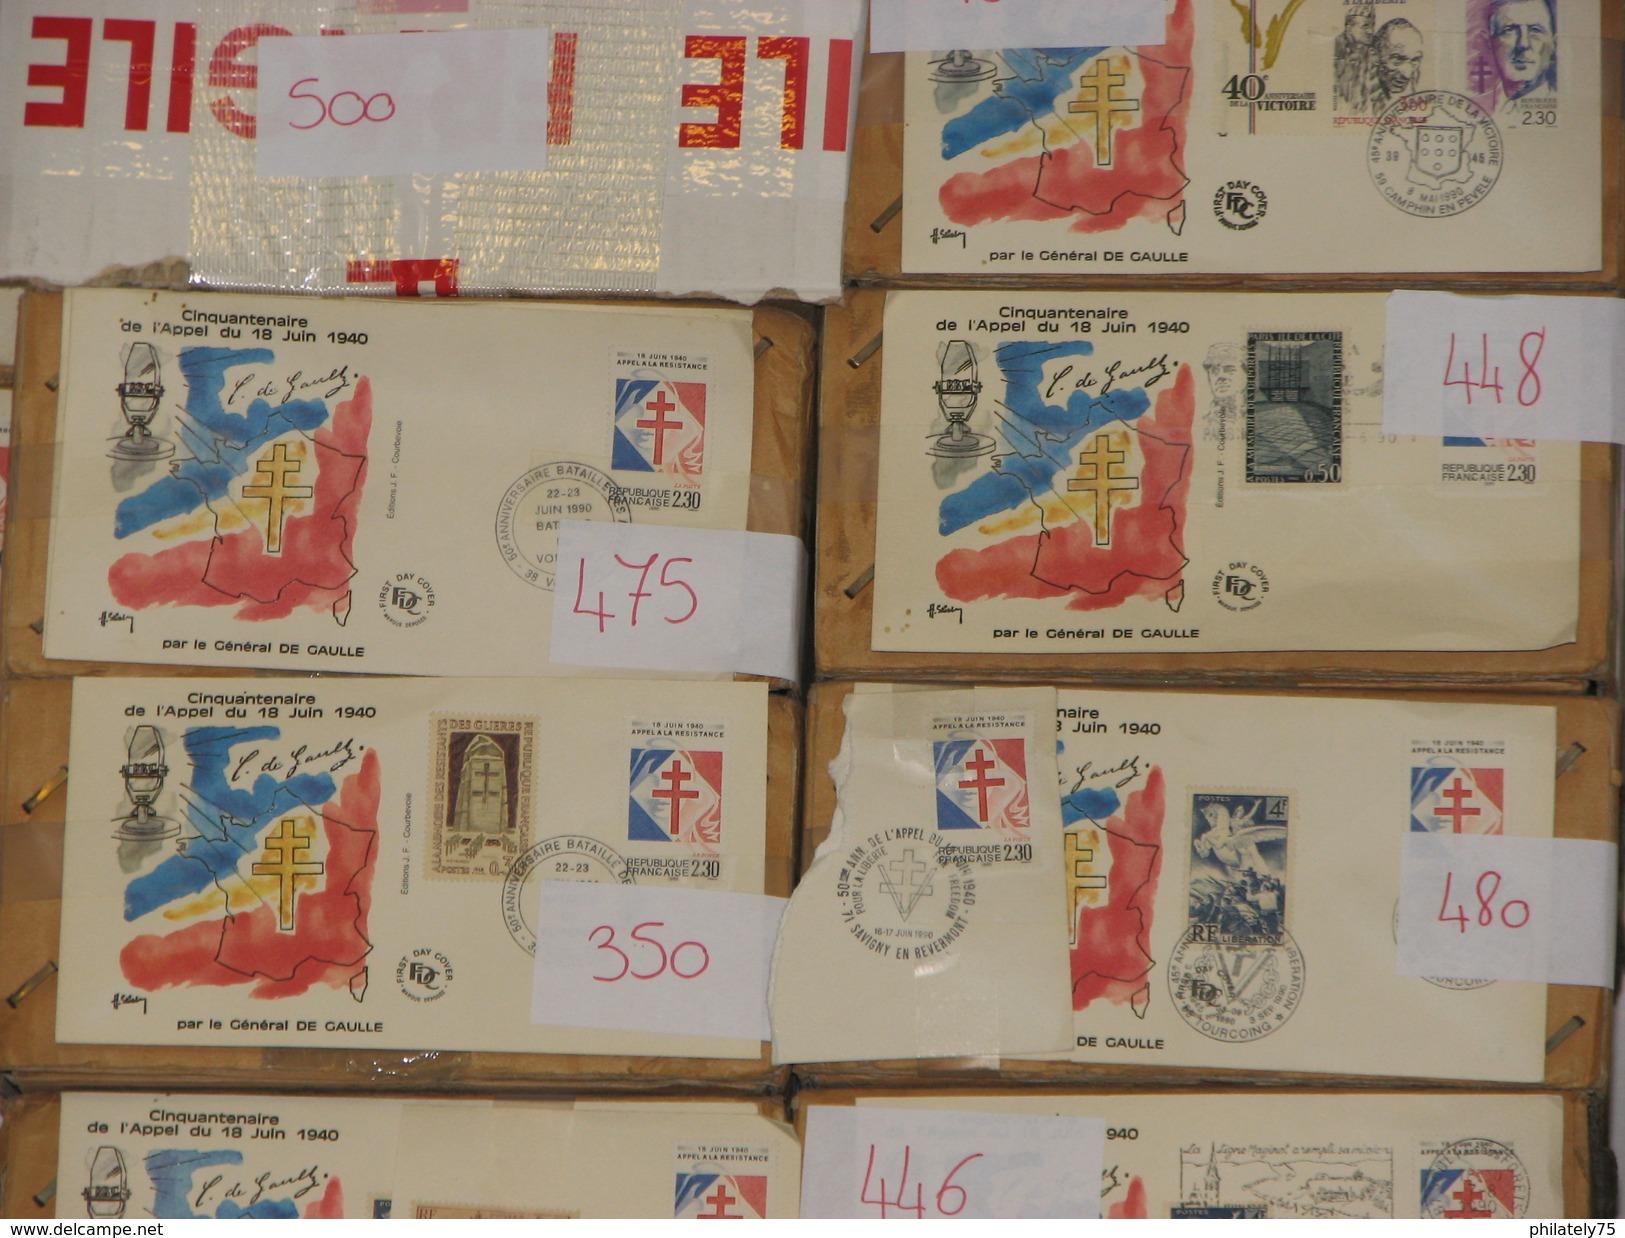 LIQUIDATION DE STOCKS AVANT FERMETURE. 50.000 FDC ET ENVELOPPES COMMEMORATIVES FRANCE 1990 DE GAULLE ET APPEL JUIN 1940 - De Gaulle (Général)